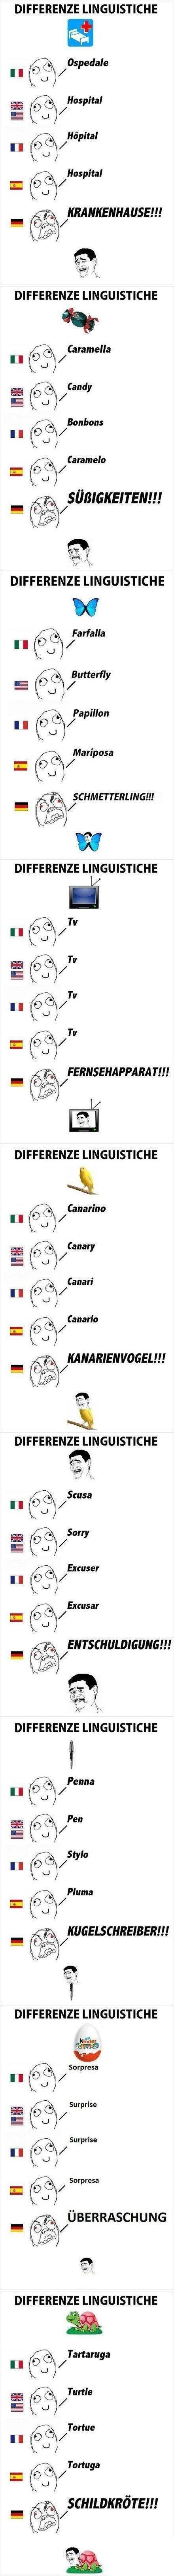 Et dire qu'on nous vendait l'allemand comme une langue accessible au collège!